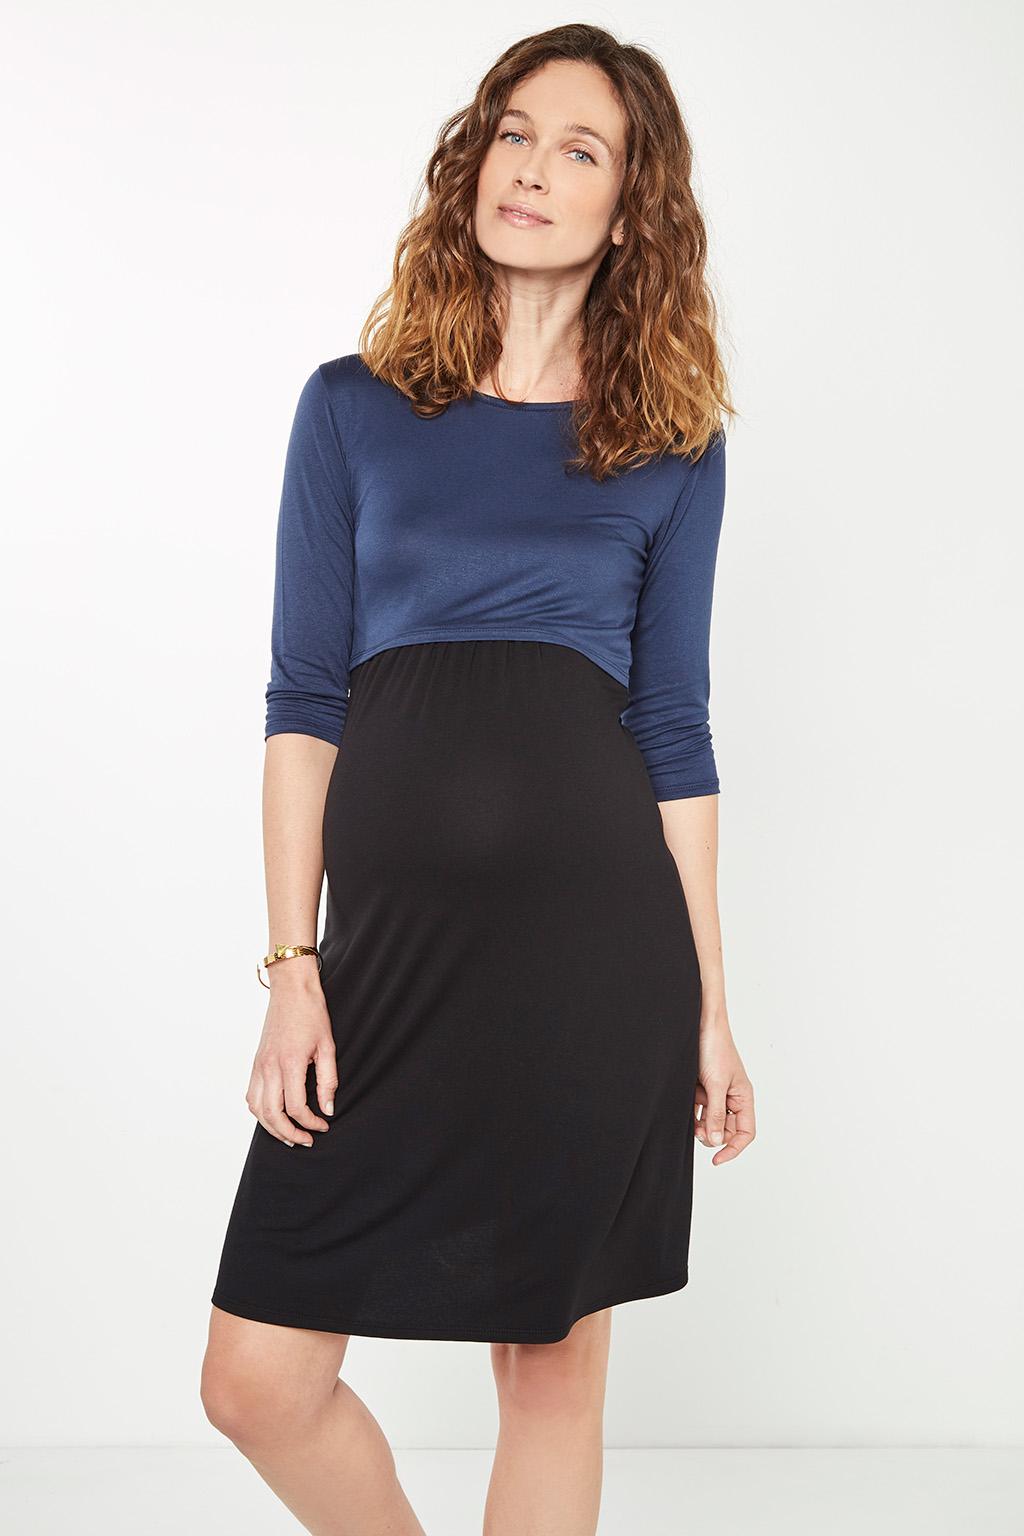 Collection capsule de prêt à porter pour future maman #maternityIRL sur Showroomprivé.